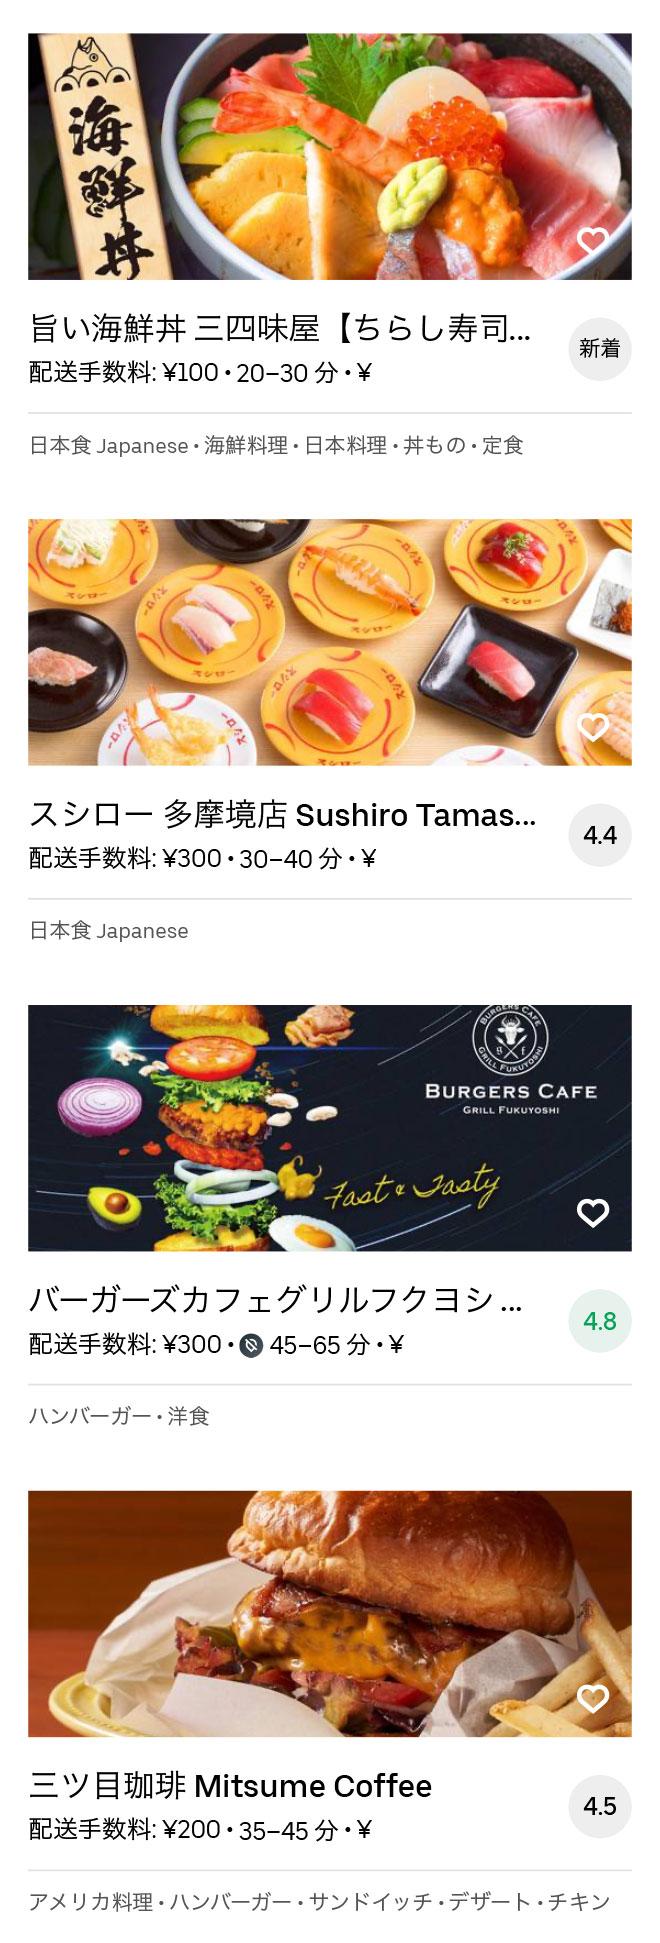 Hashimoto menu 2008 08